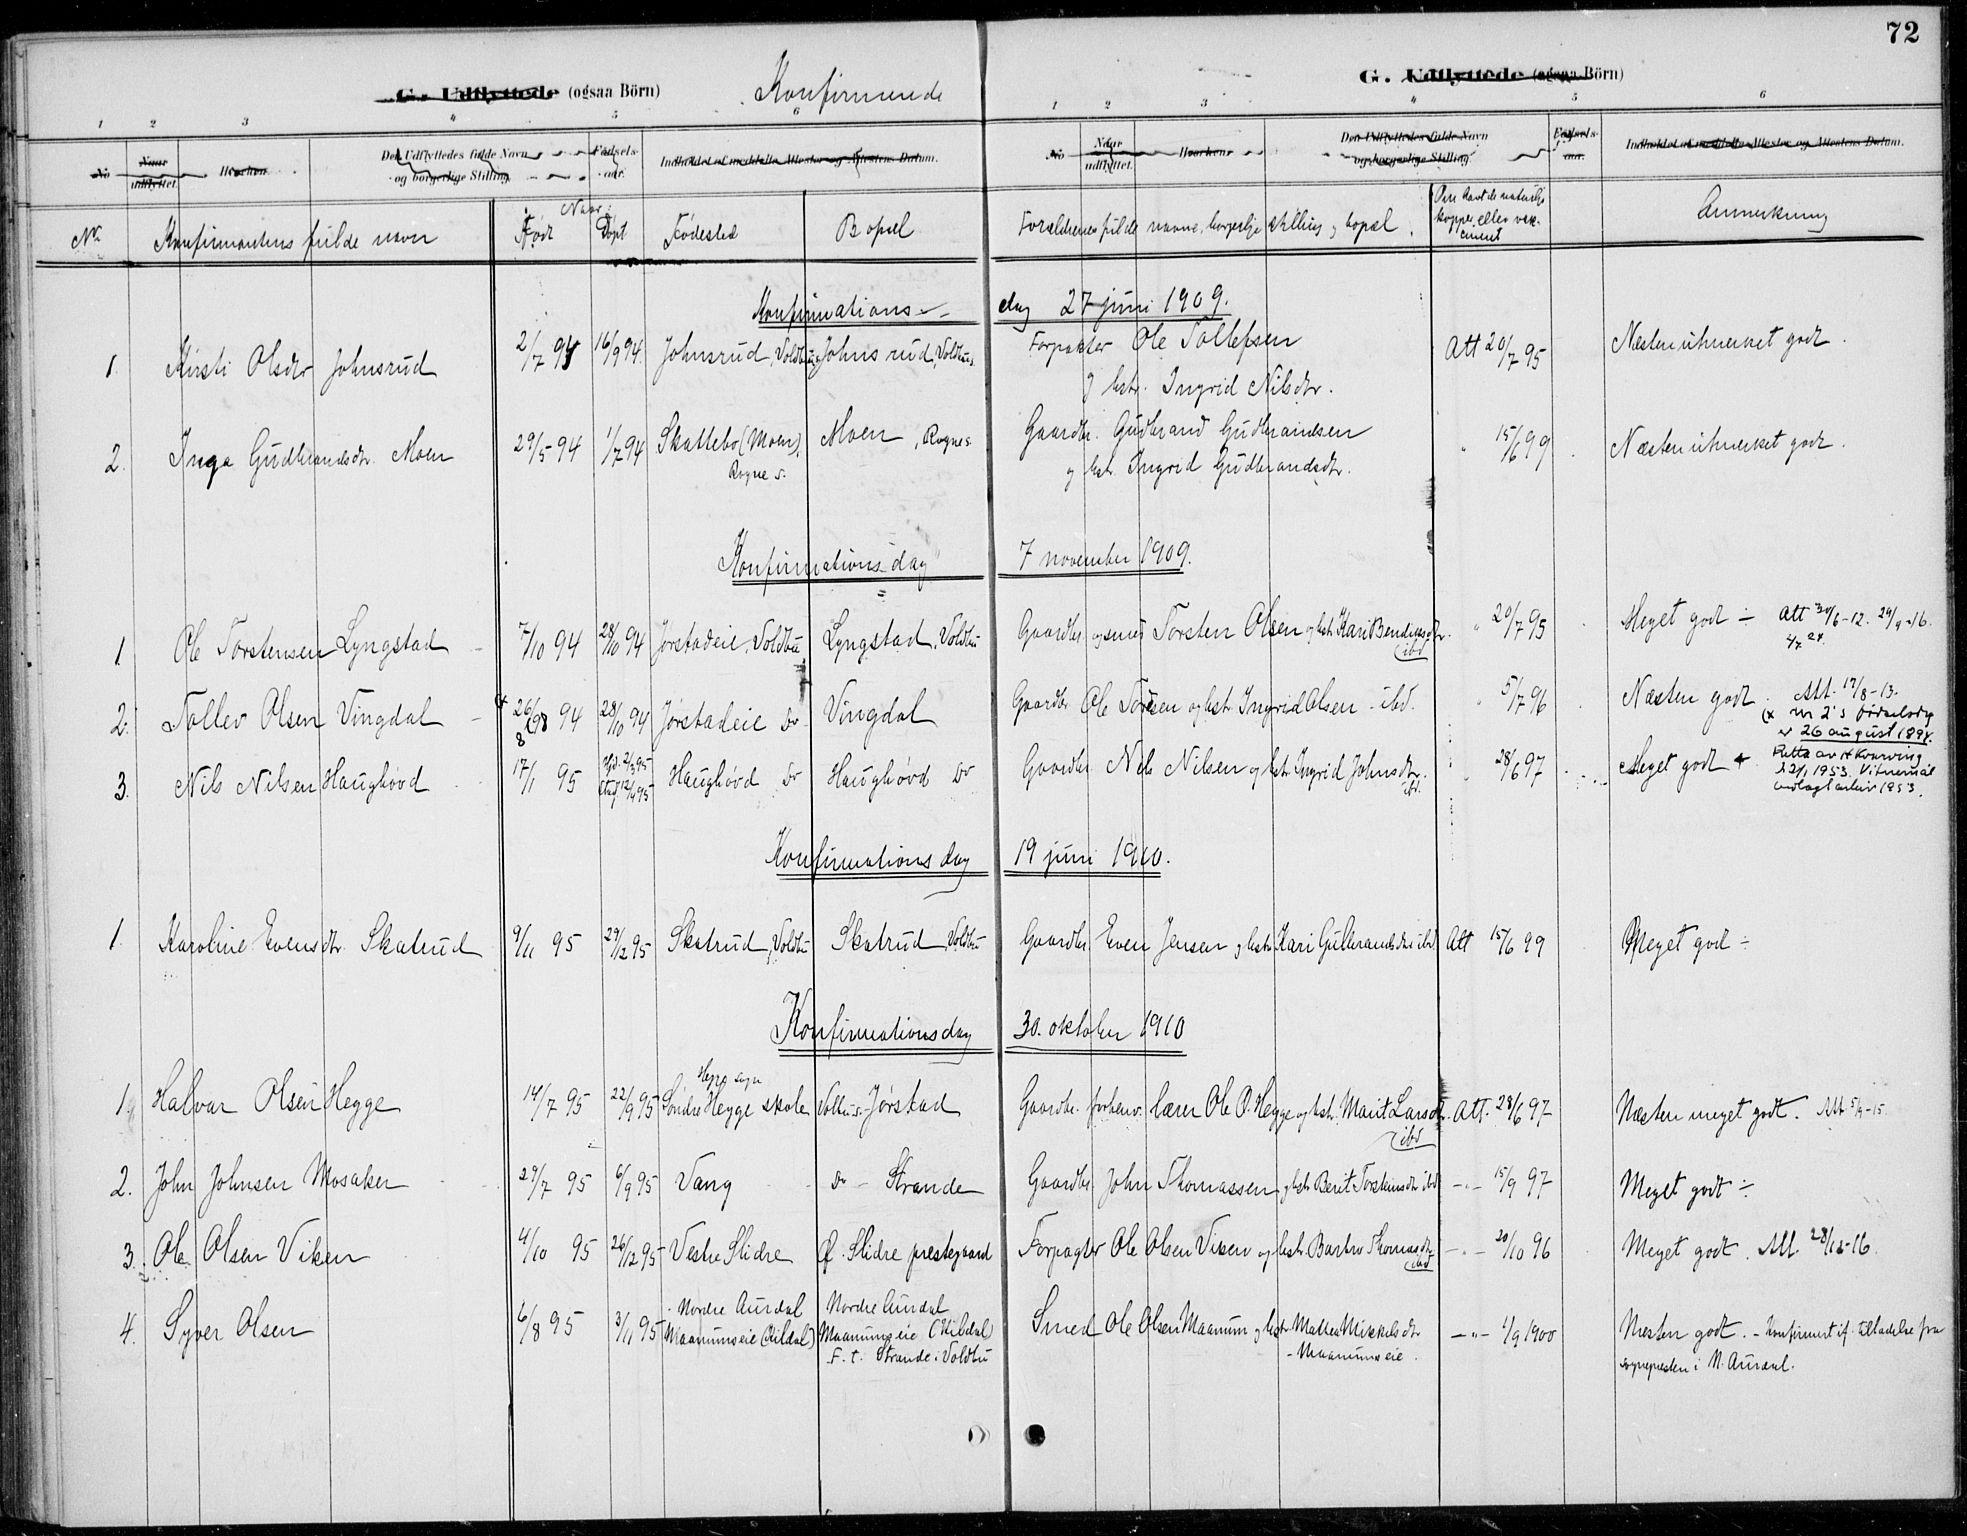 SAH, Øystre Slidre prestekontor, Ministerialbok nr. 5, 1887-1916, s. 72